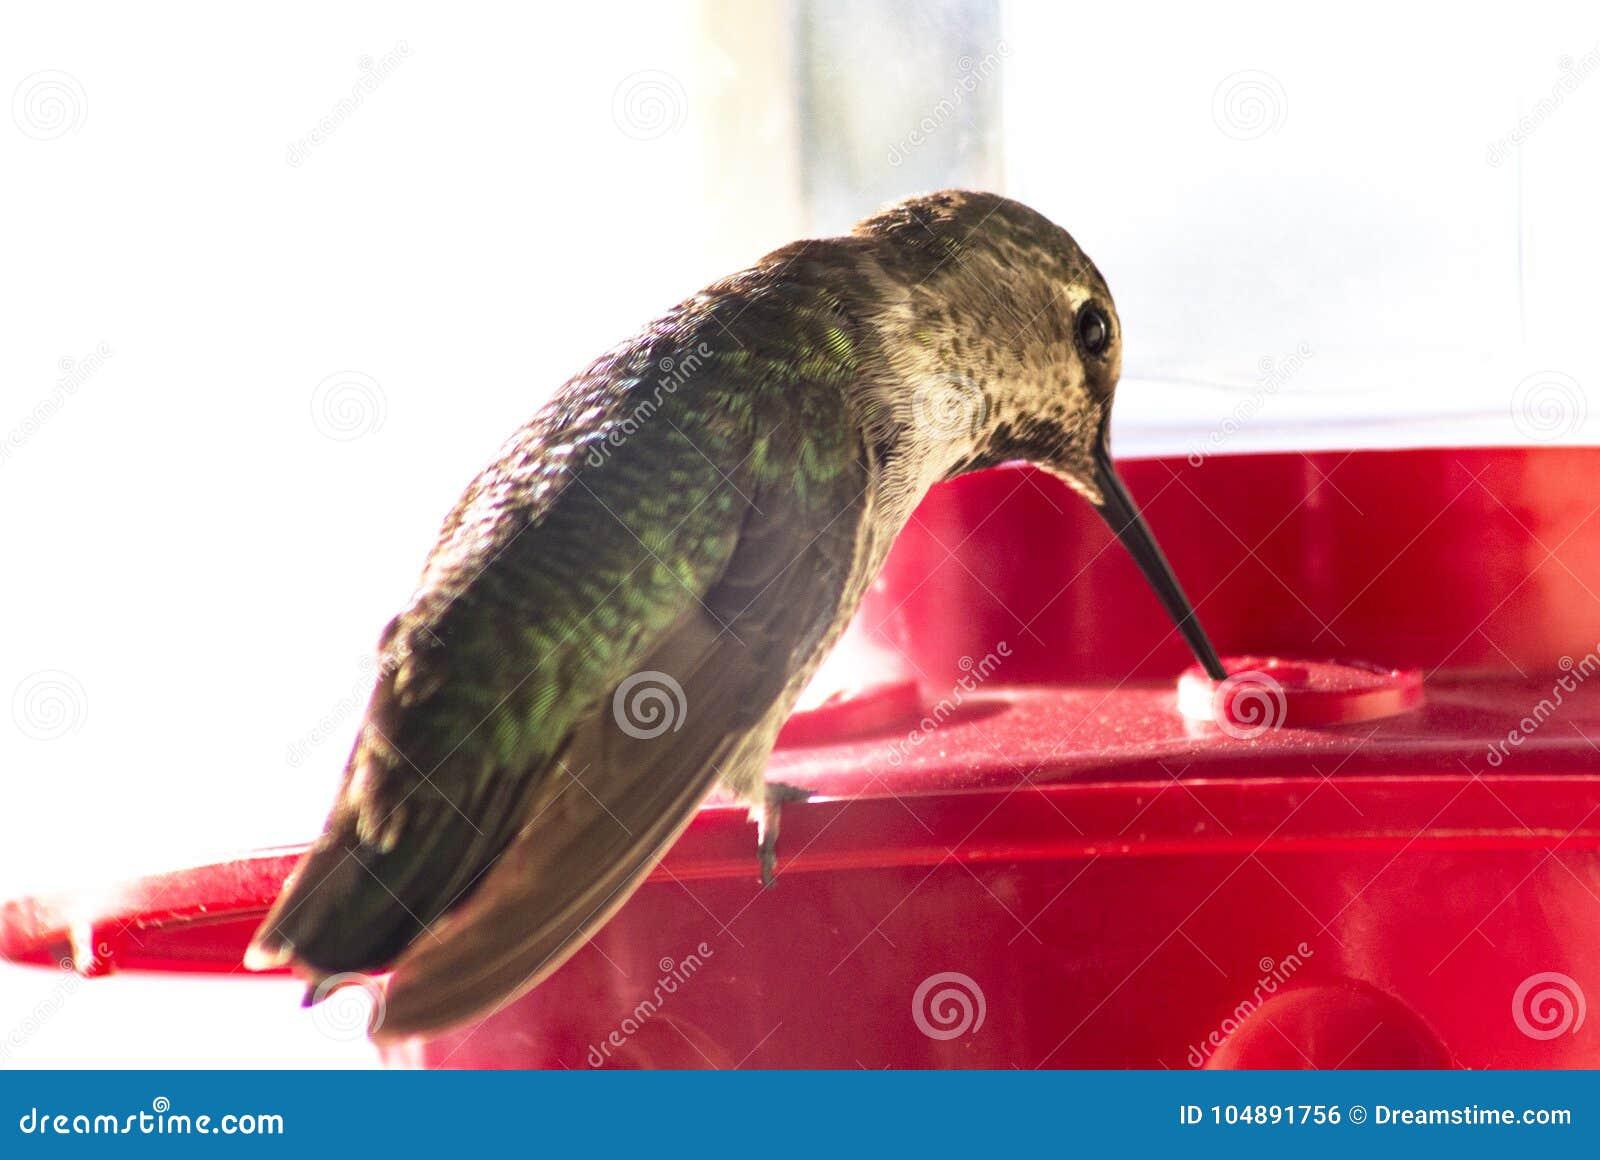 Tir détaillé d une alimentation d oiseau de ronflement